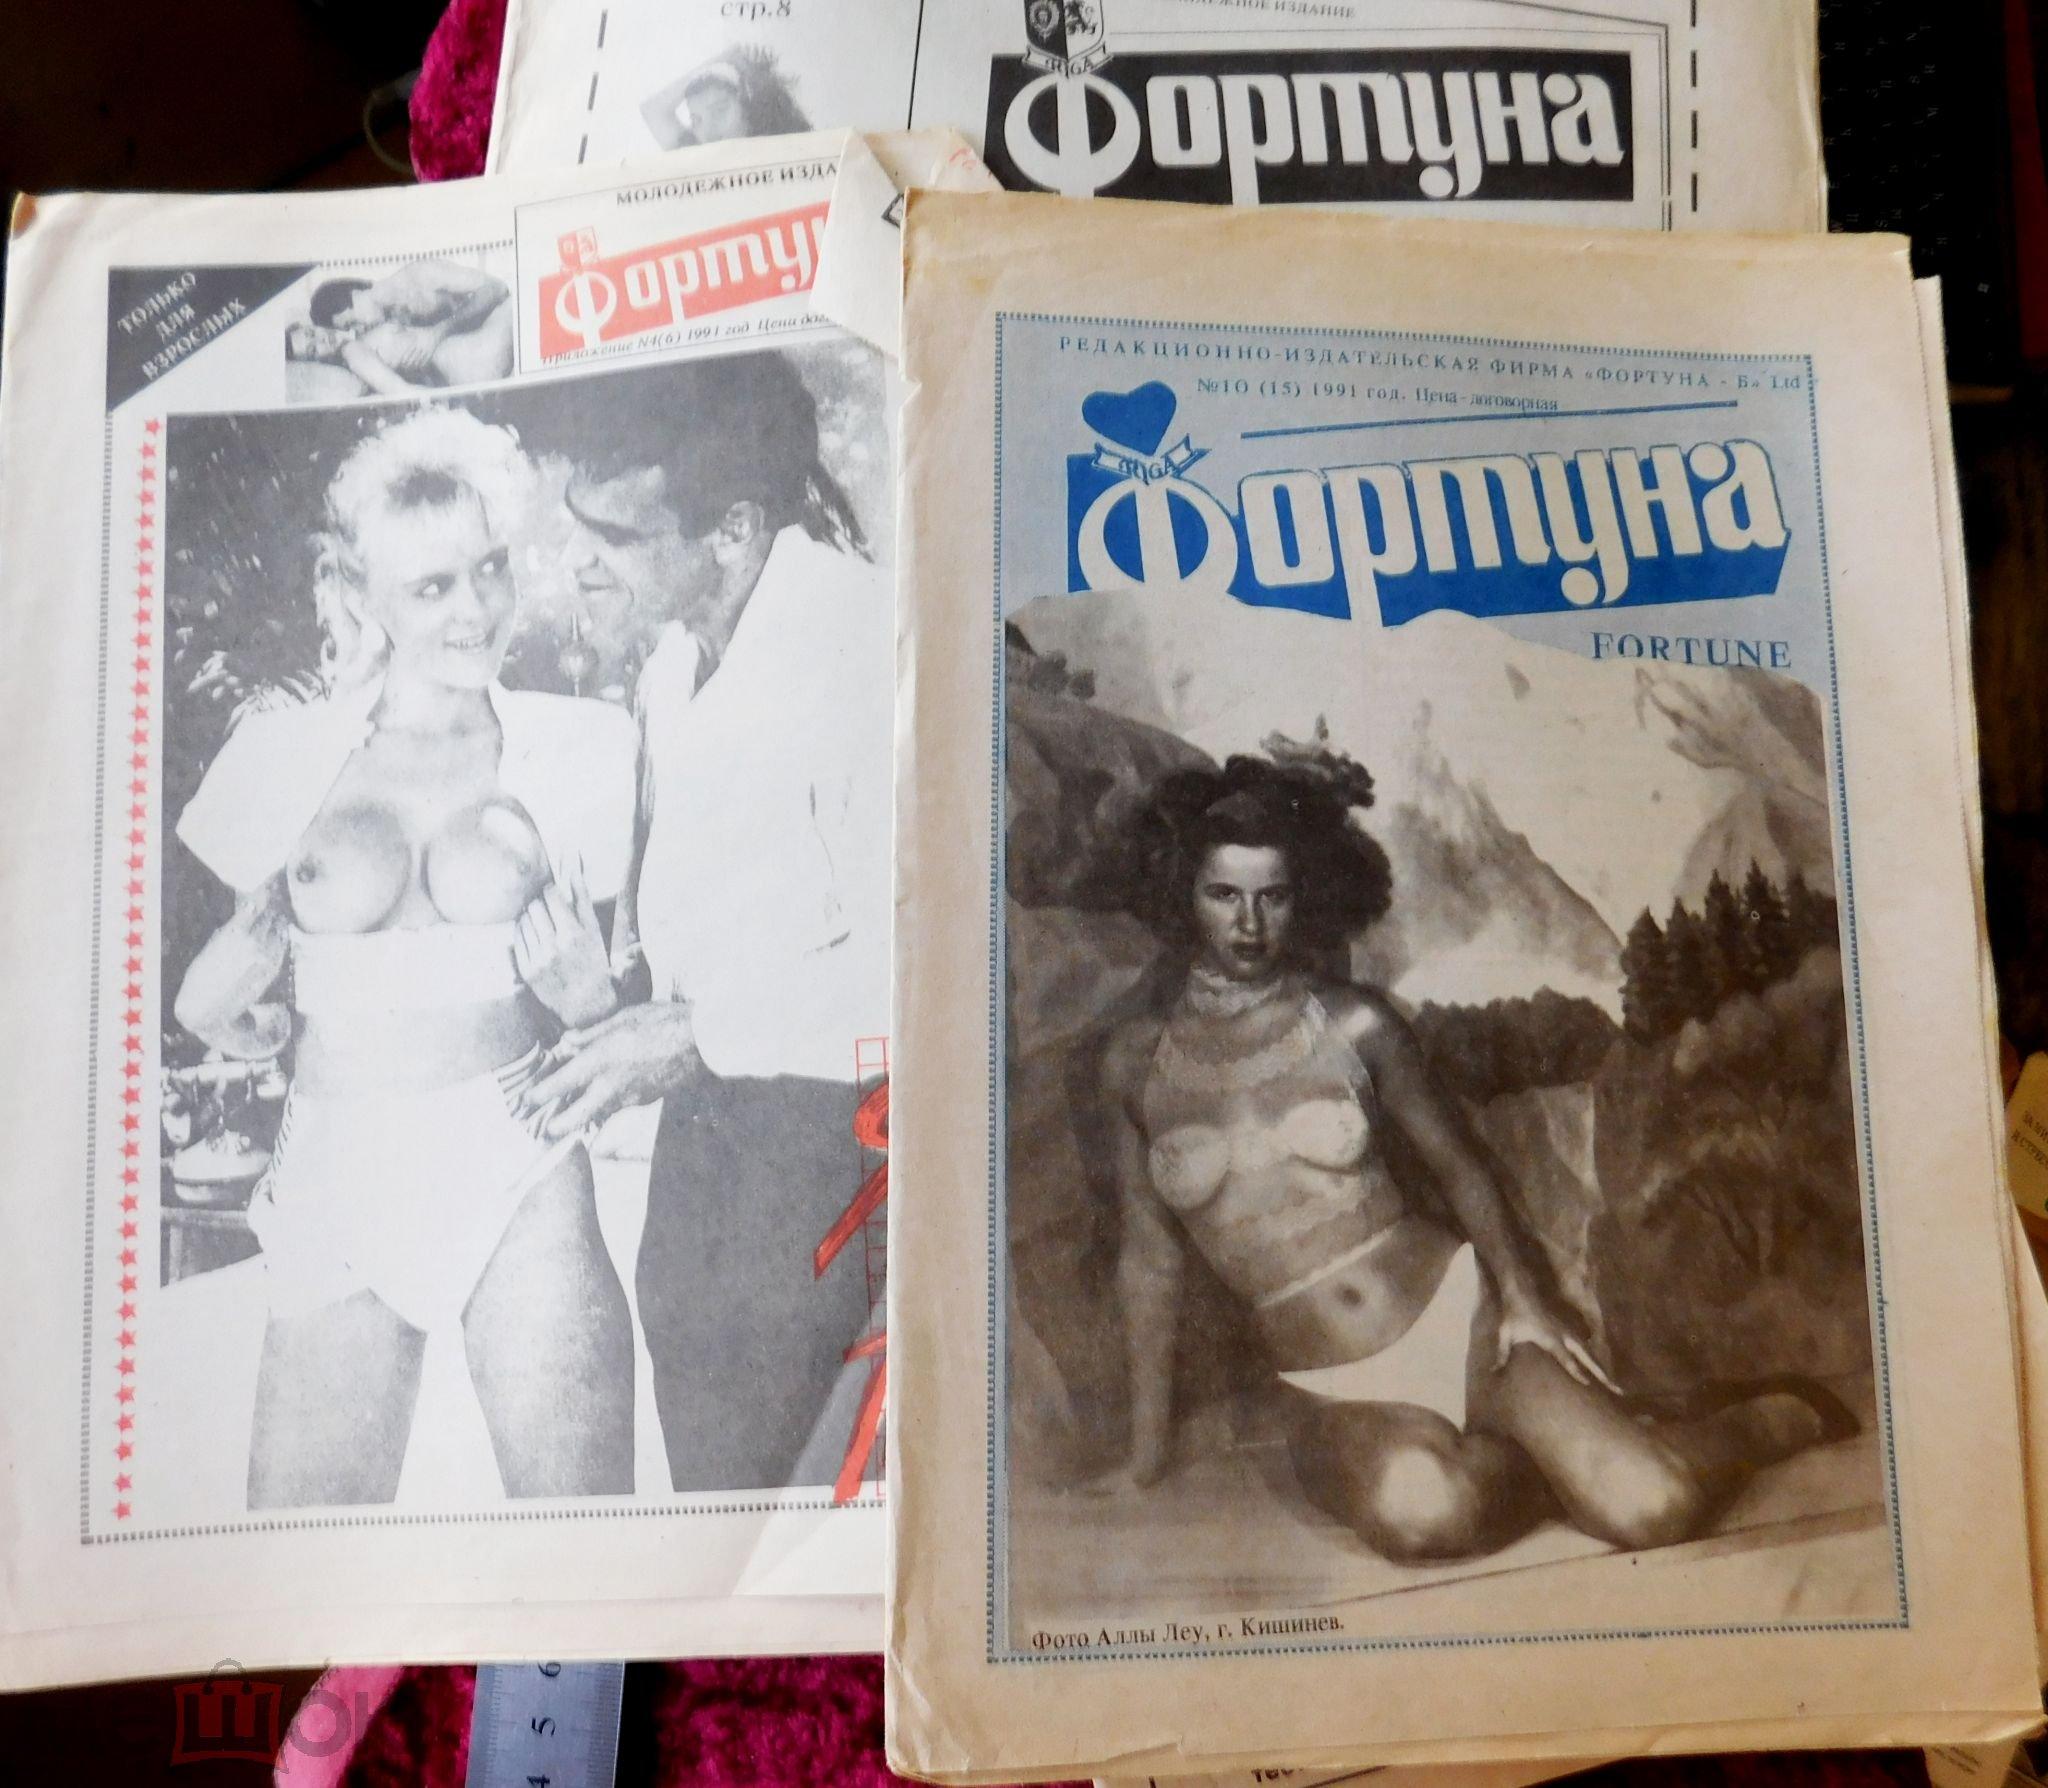 smotret-fotografii-s-eroticheskih-zhurnalov-sasha-grey-porno-nyani-russkim-perevodom